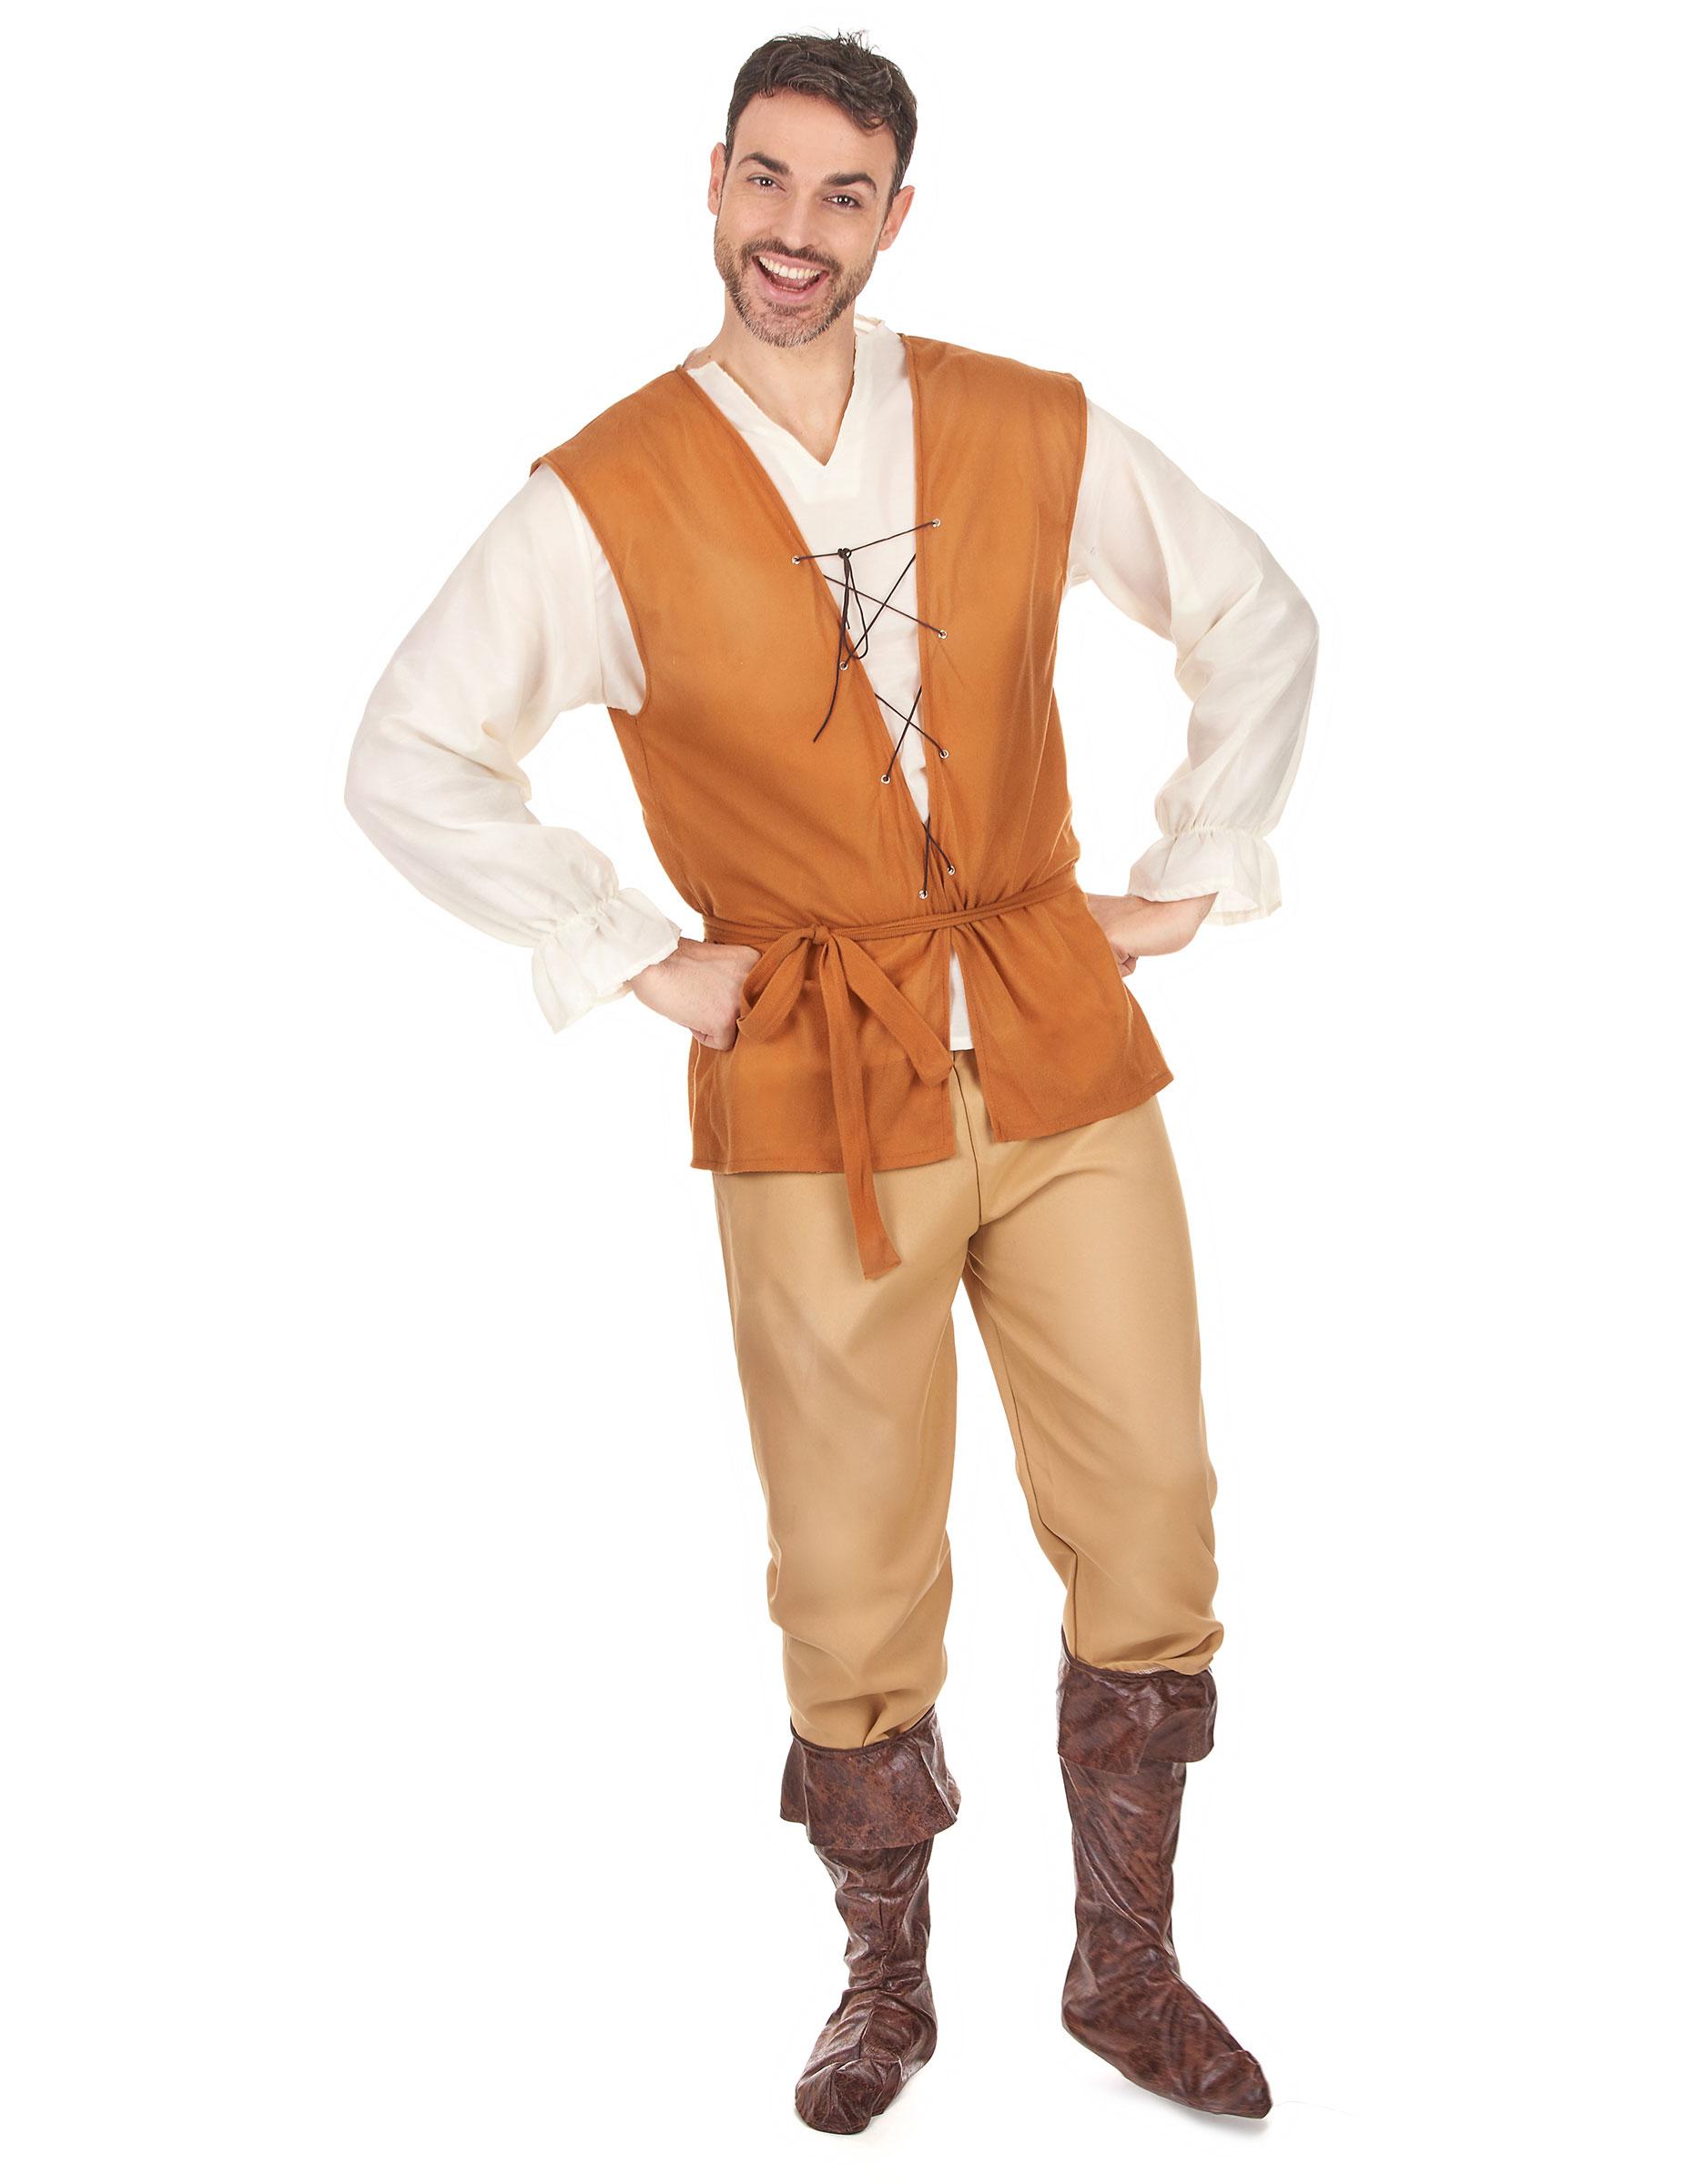 Costume Contadino Uomo Costumi Adultie Vestiti Di Carnevale Online